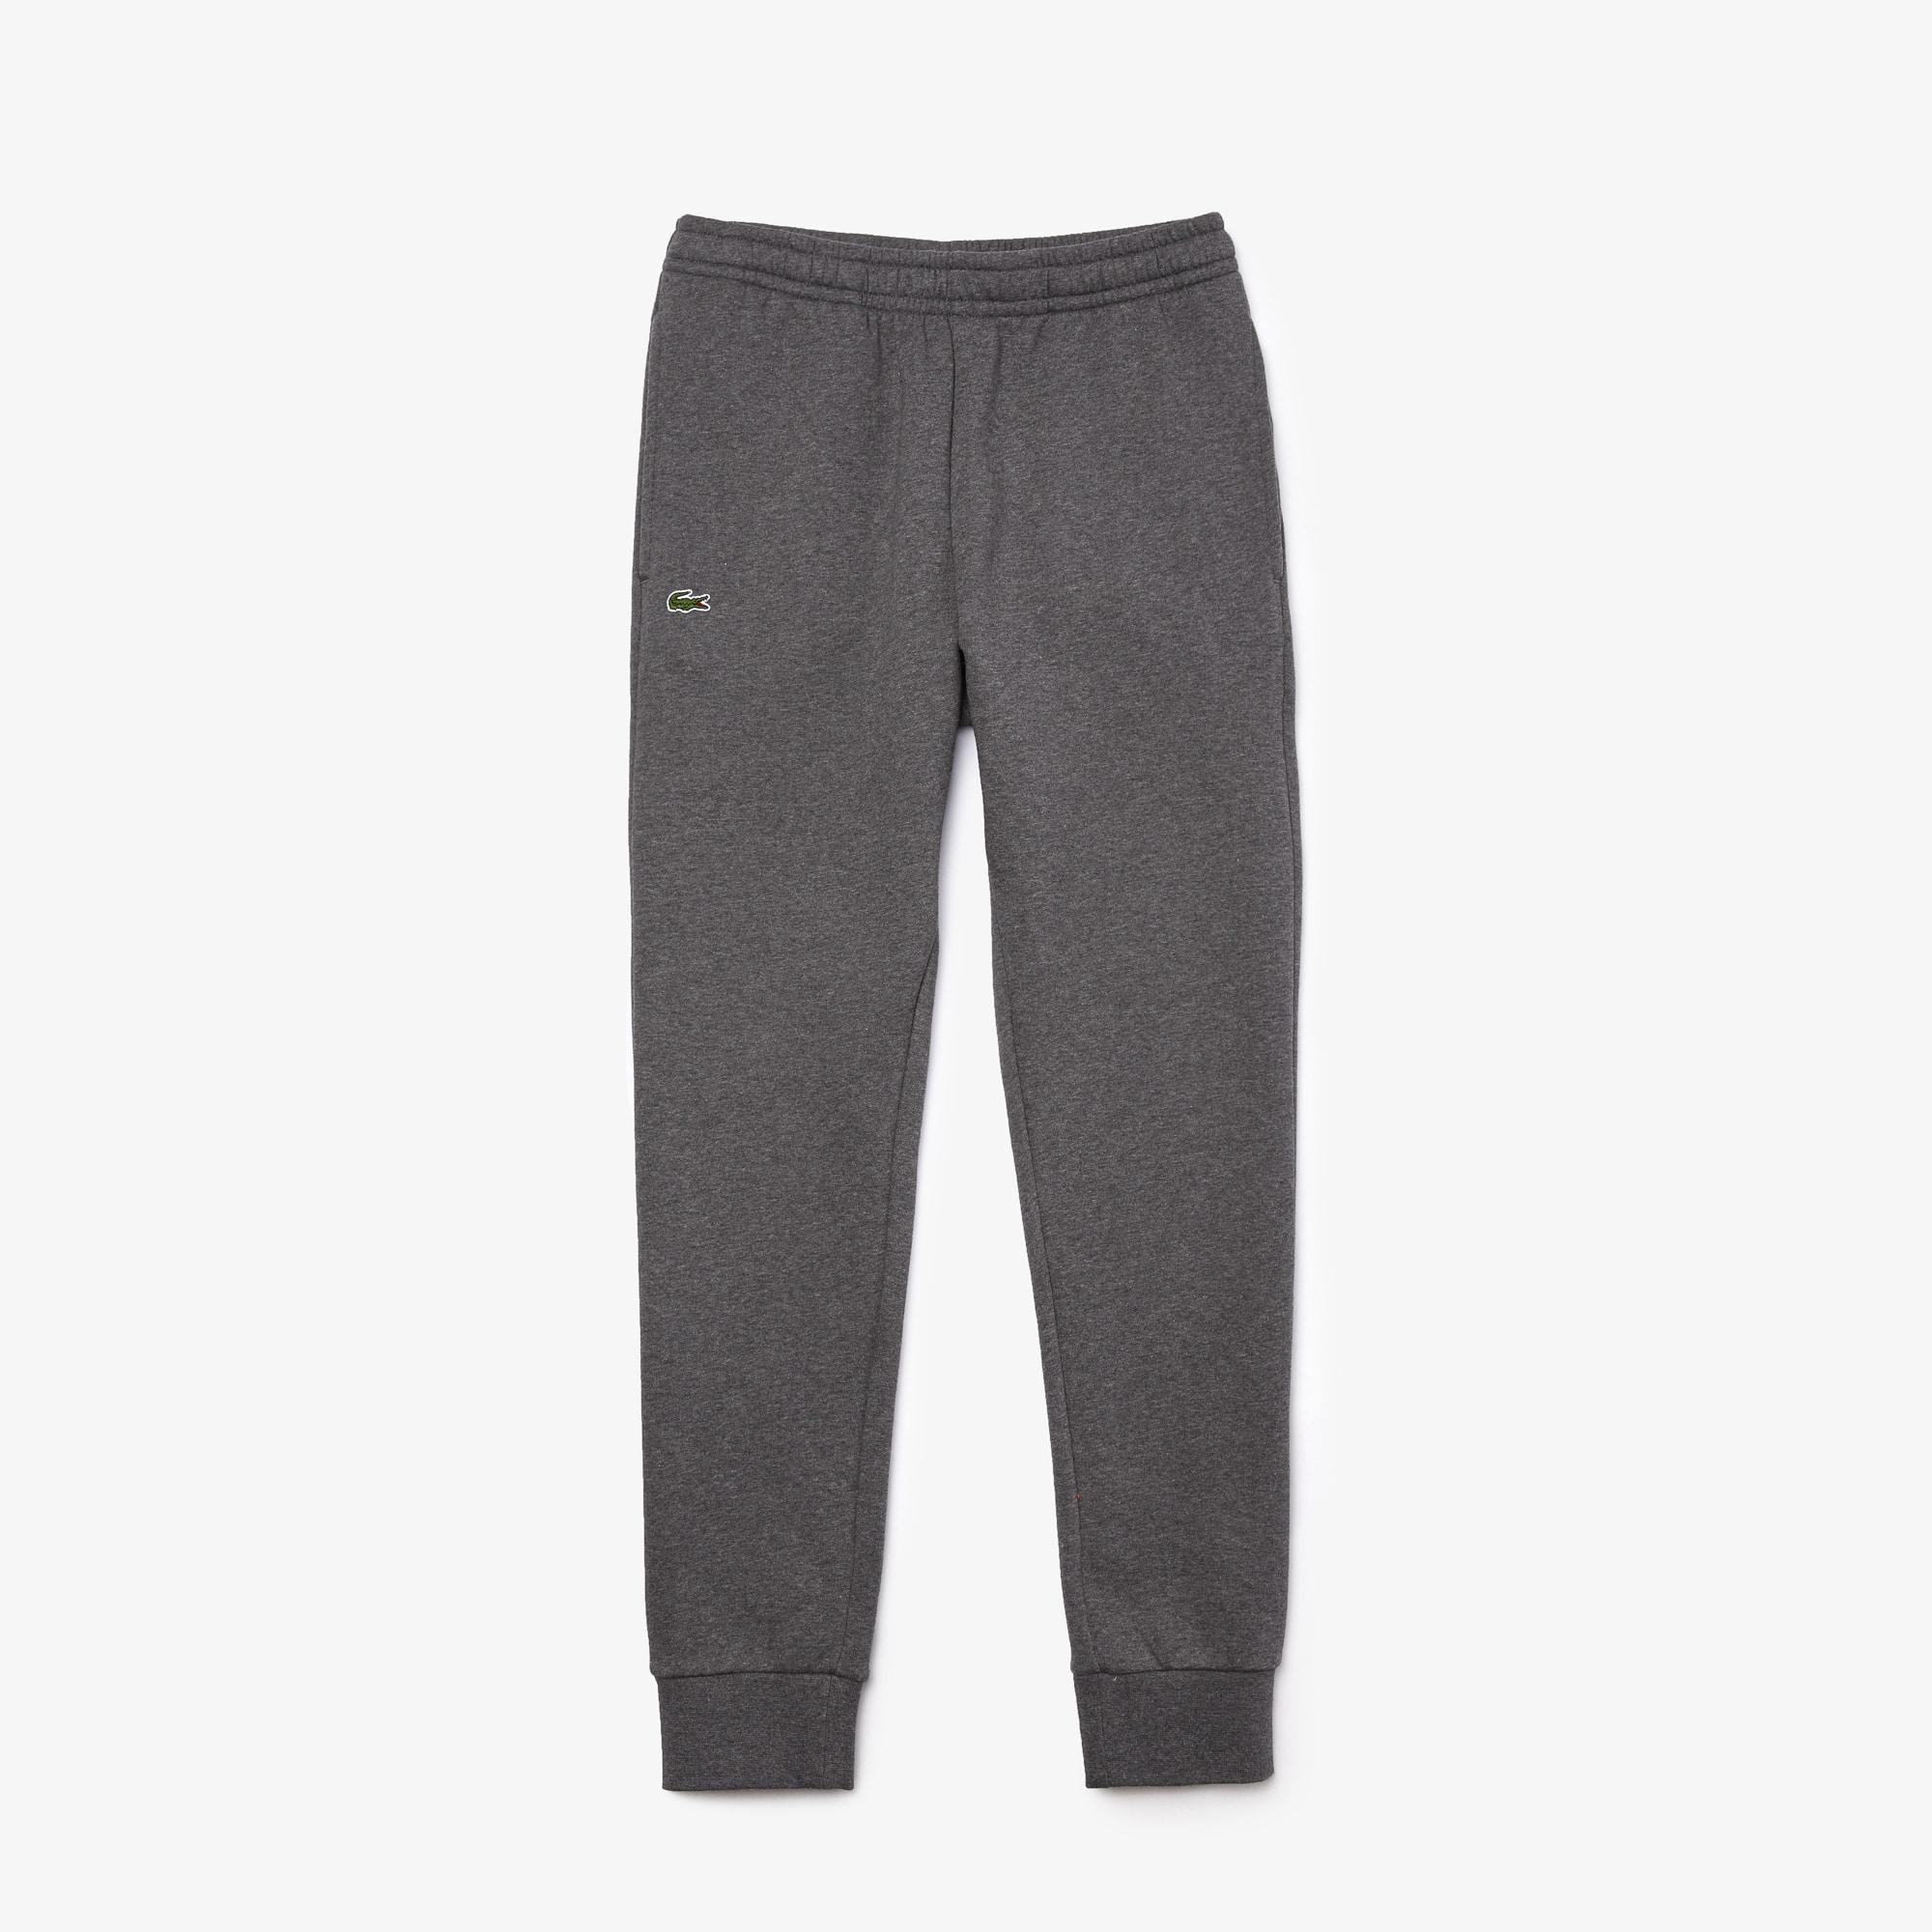 Pantaloni tuta Tennis Lacoste SPORT in mollettone di cotone tinta unita